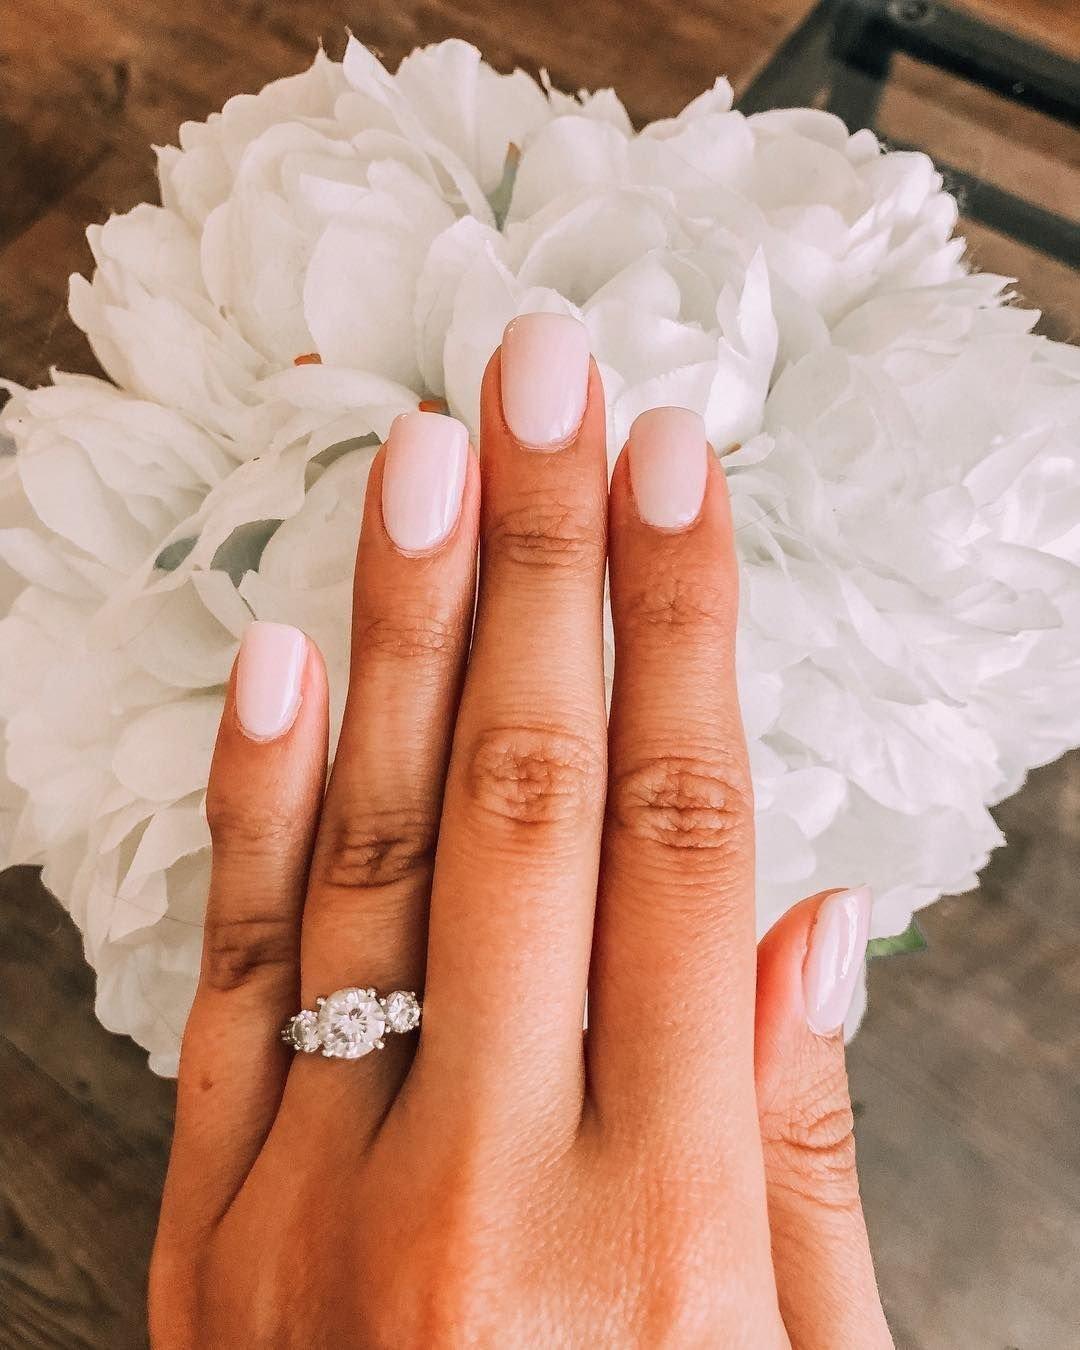 достопримечательности картинки белых ногтей на руках удивительной красоты